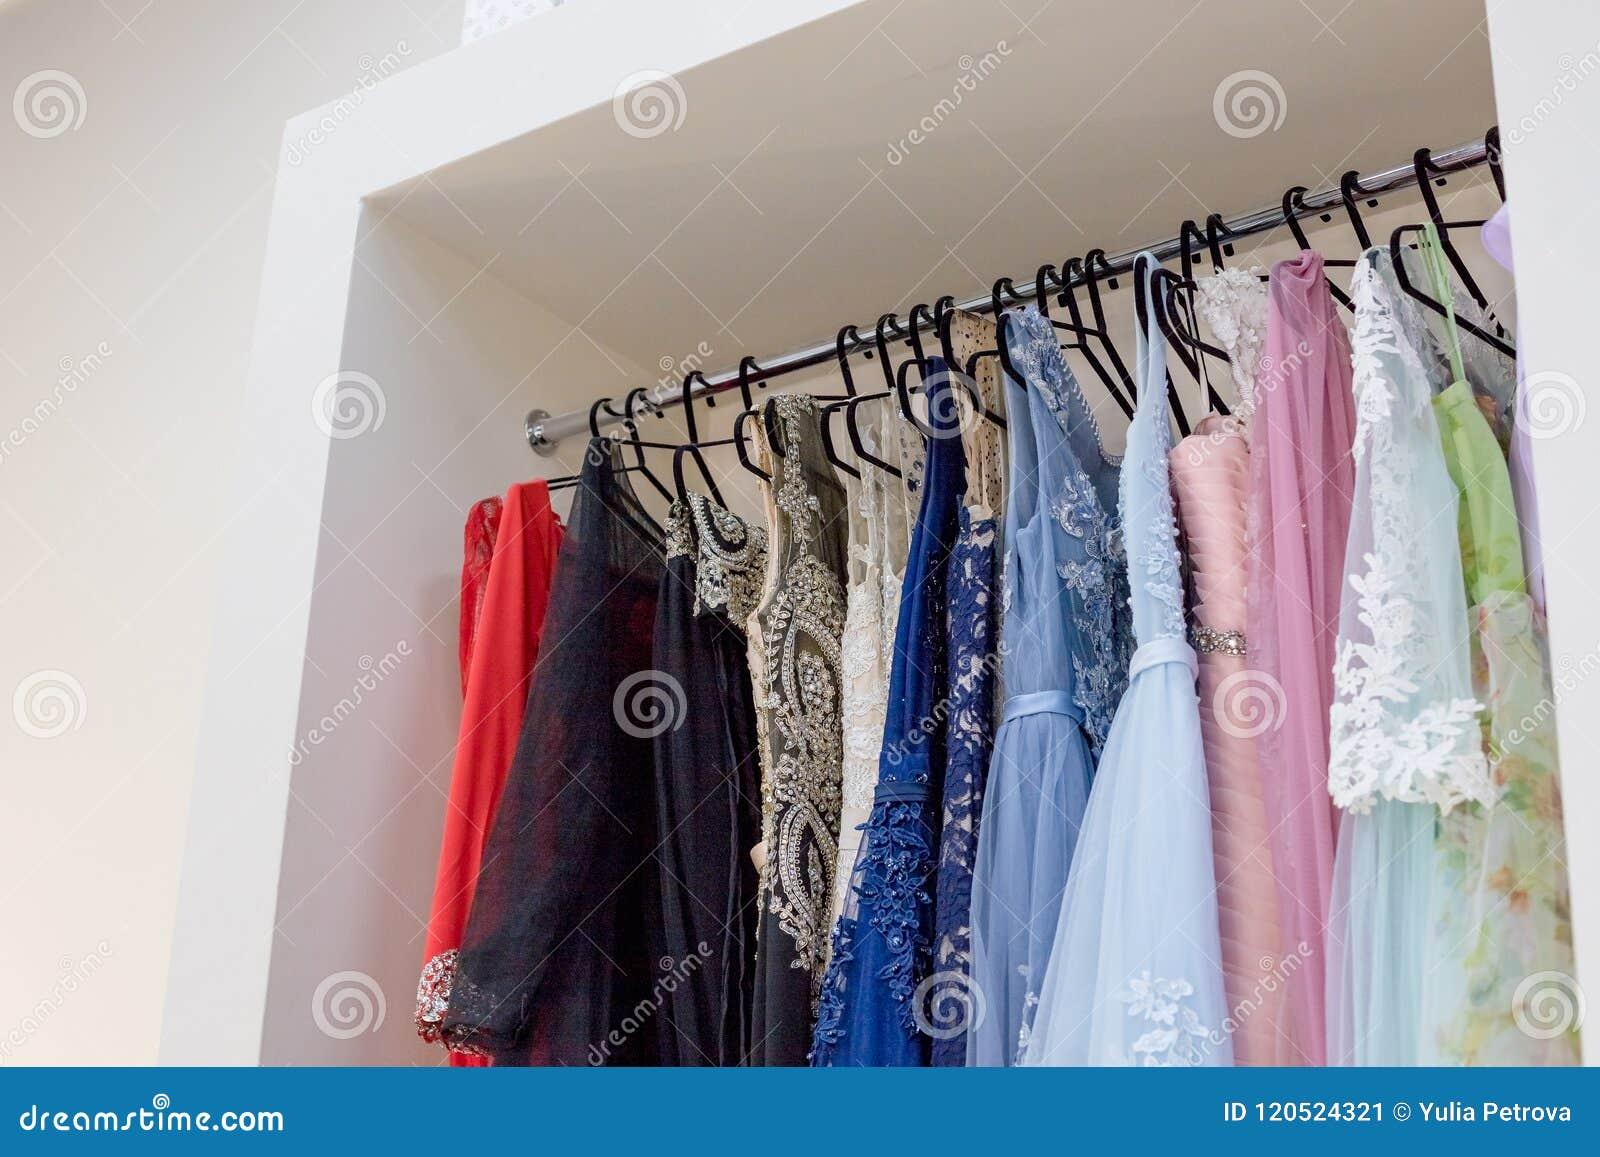 lange kleider auf aufhänger in der kleidermiete glättend